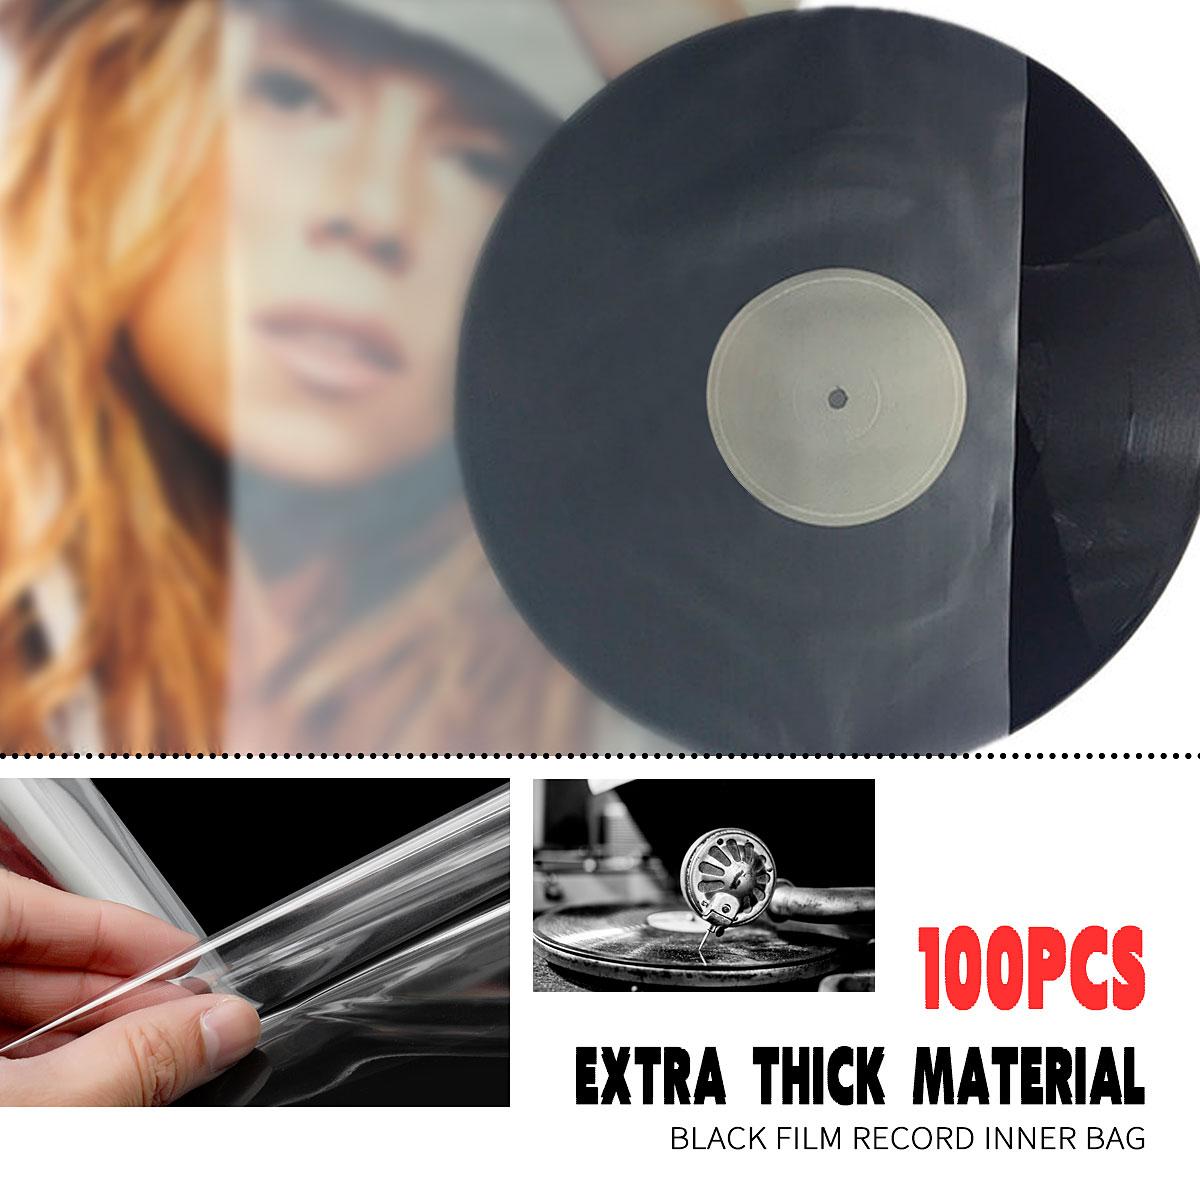 100/50 個 12/10/7 インチ Lp 保護収納インナー/外袋ため lp アナログレコード CD ビニールレコード収納ラックツール -